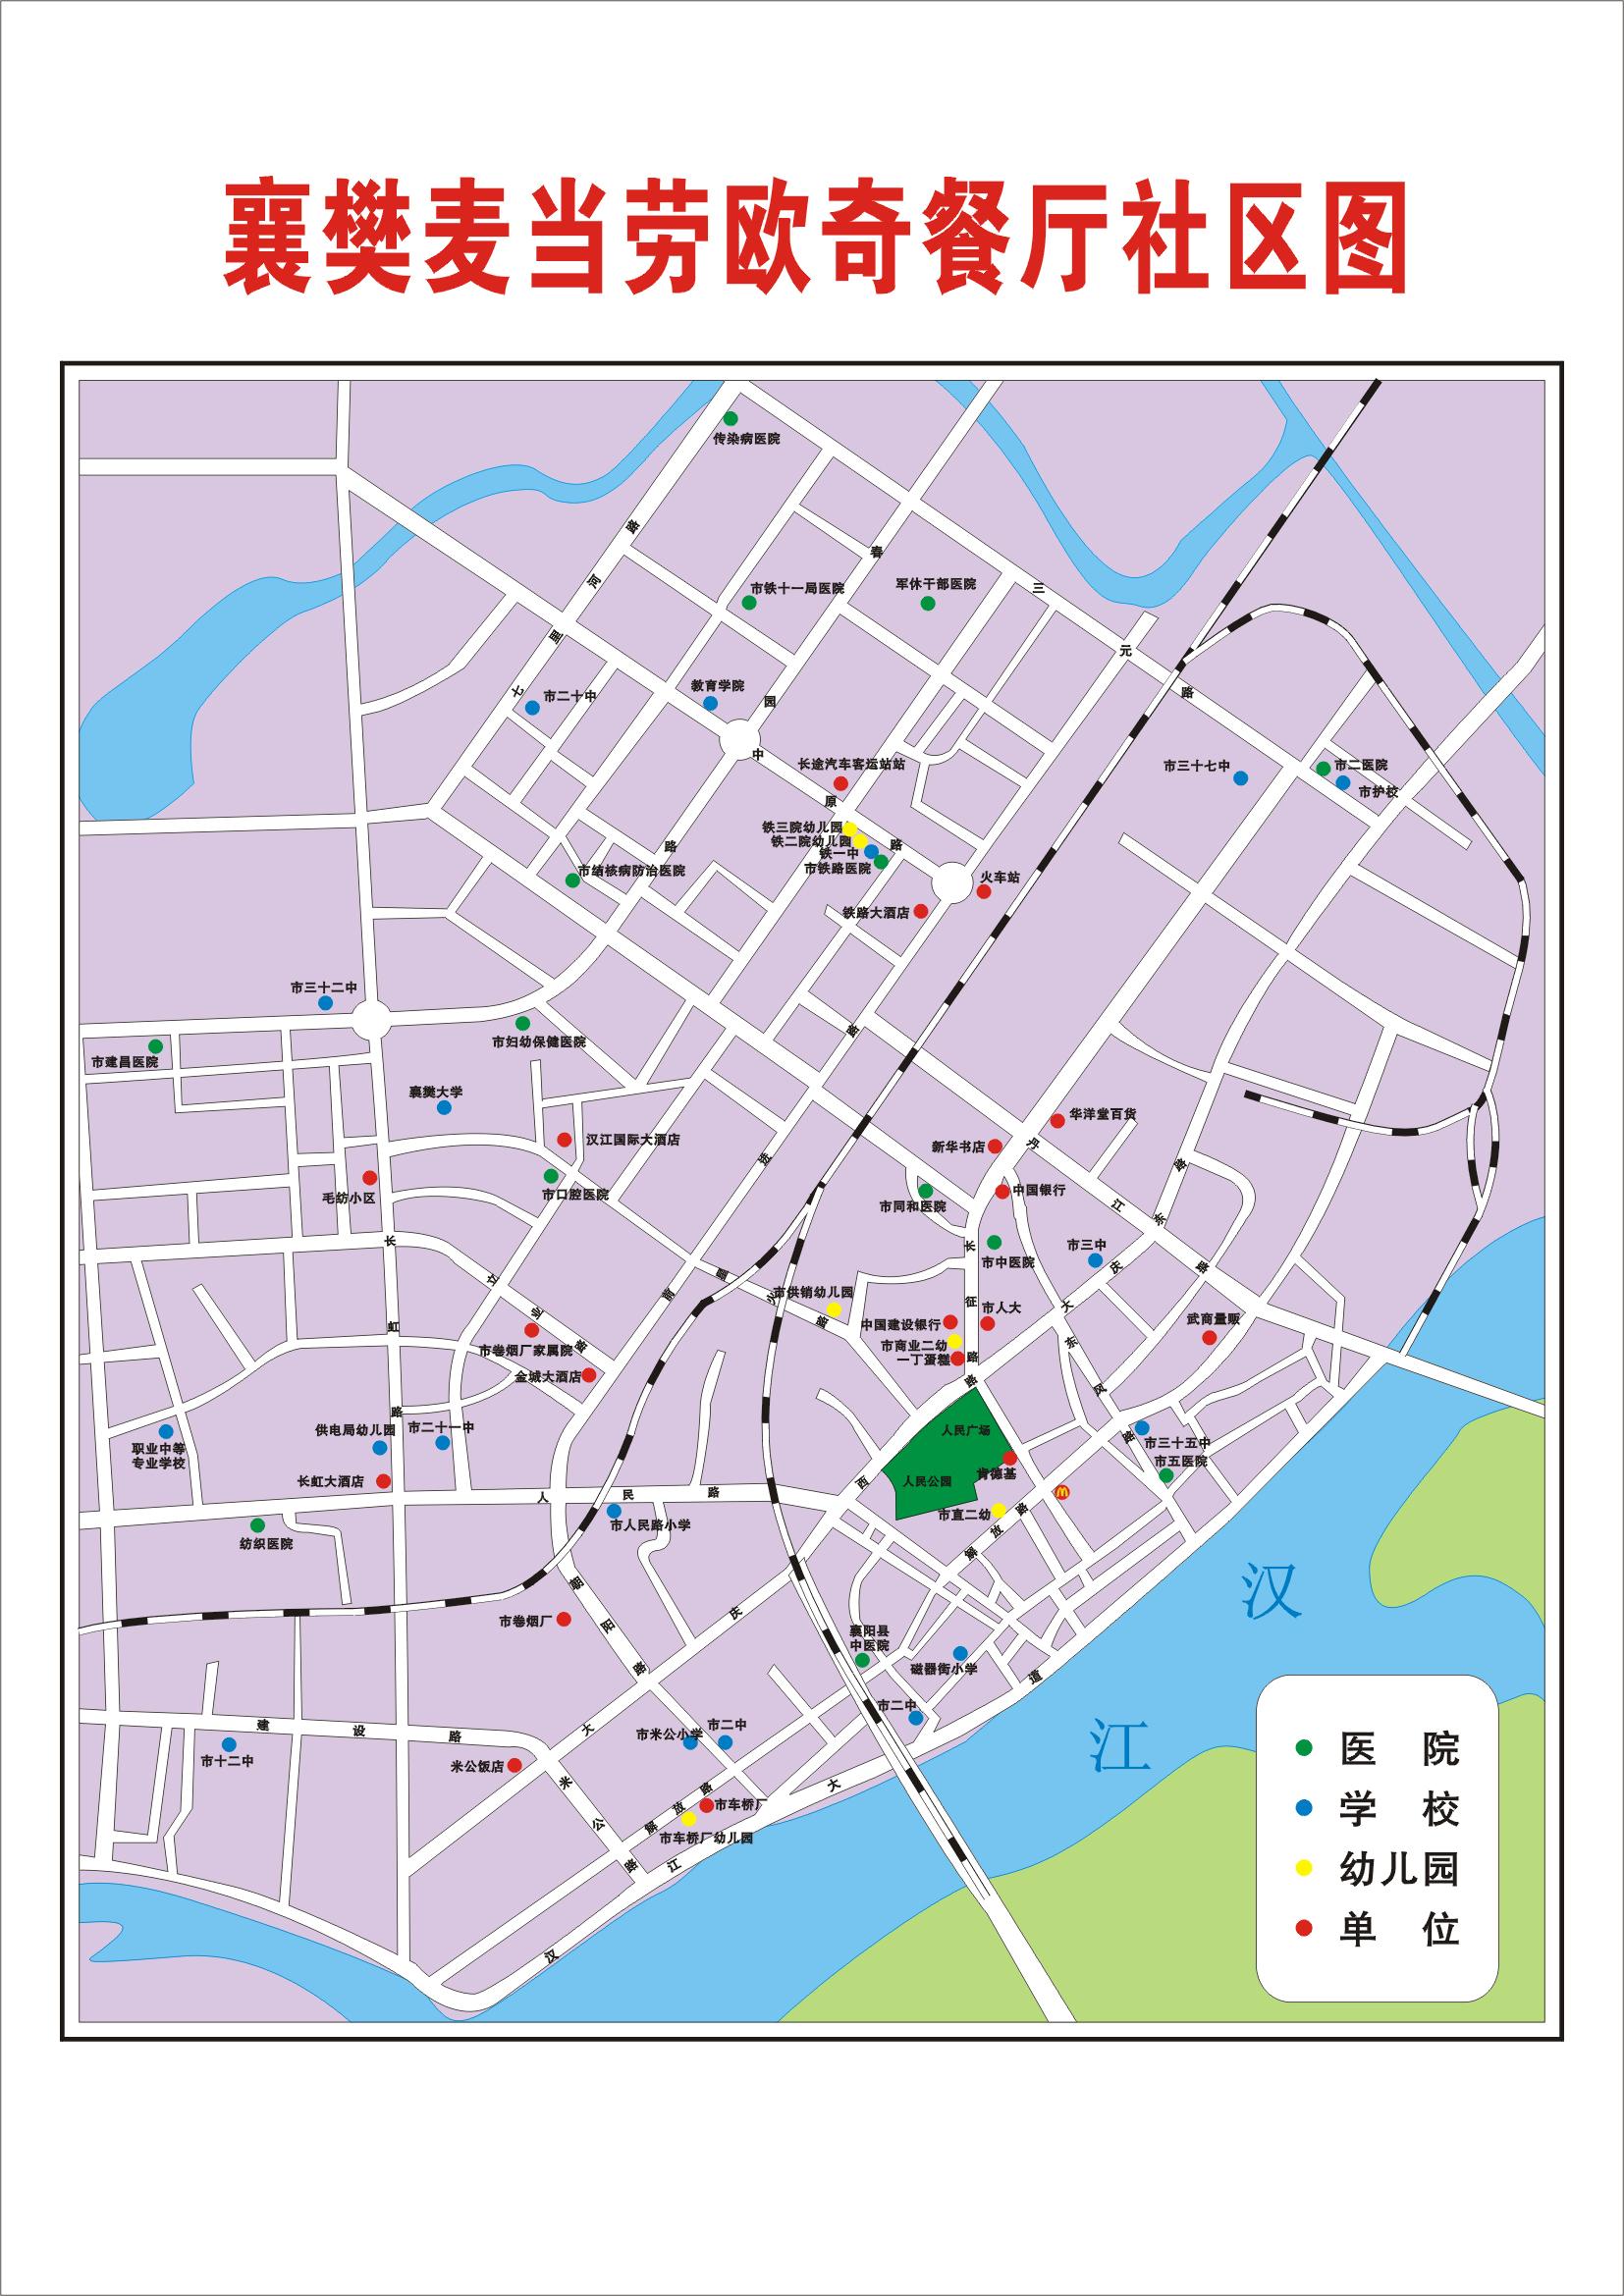 湖北襄樊旅游地图 襄樊全图